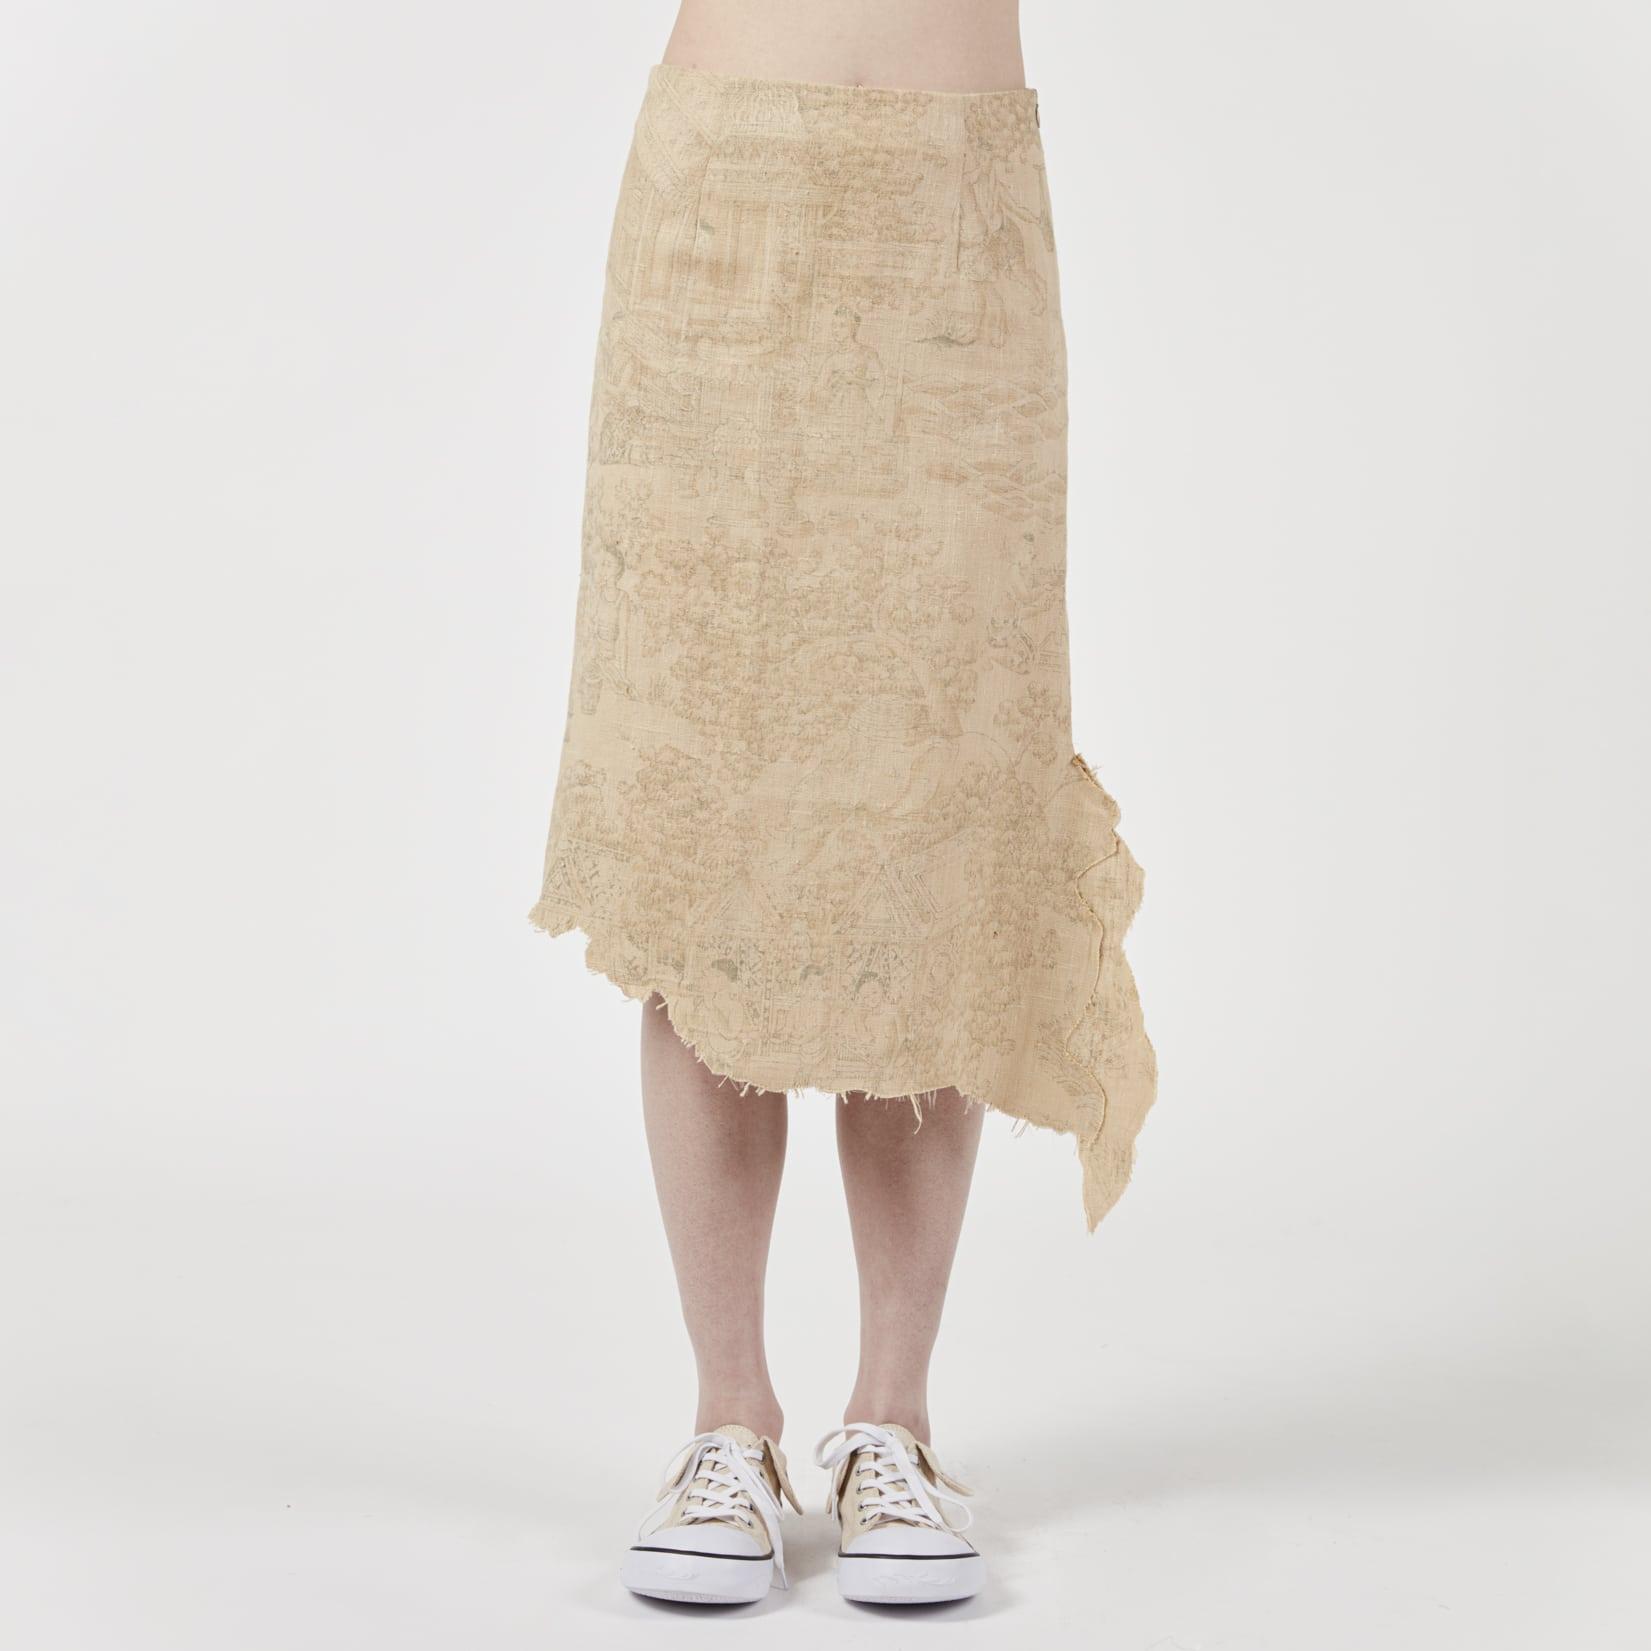 VeniceW Paper Girl Skirt